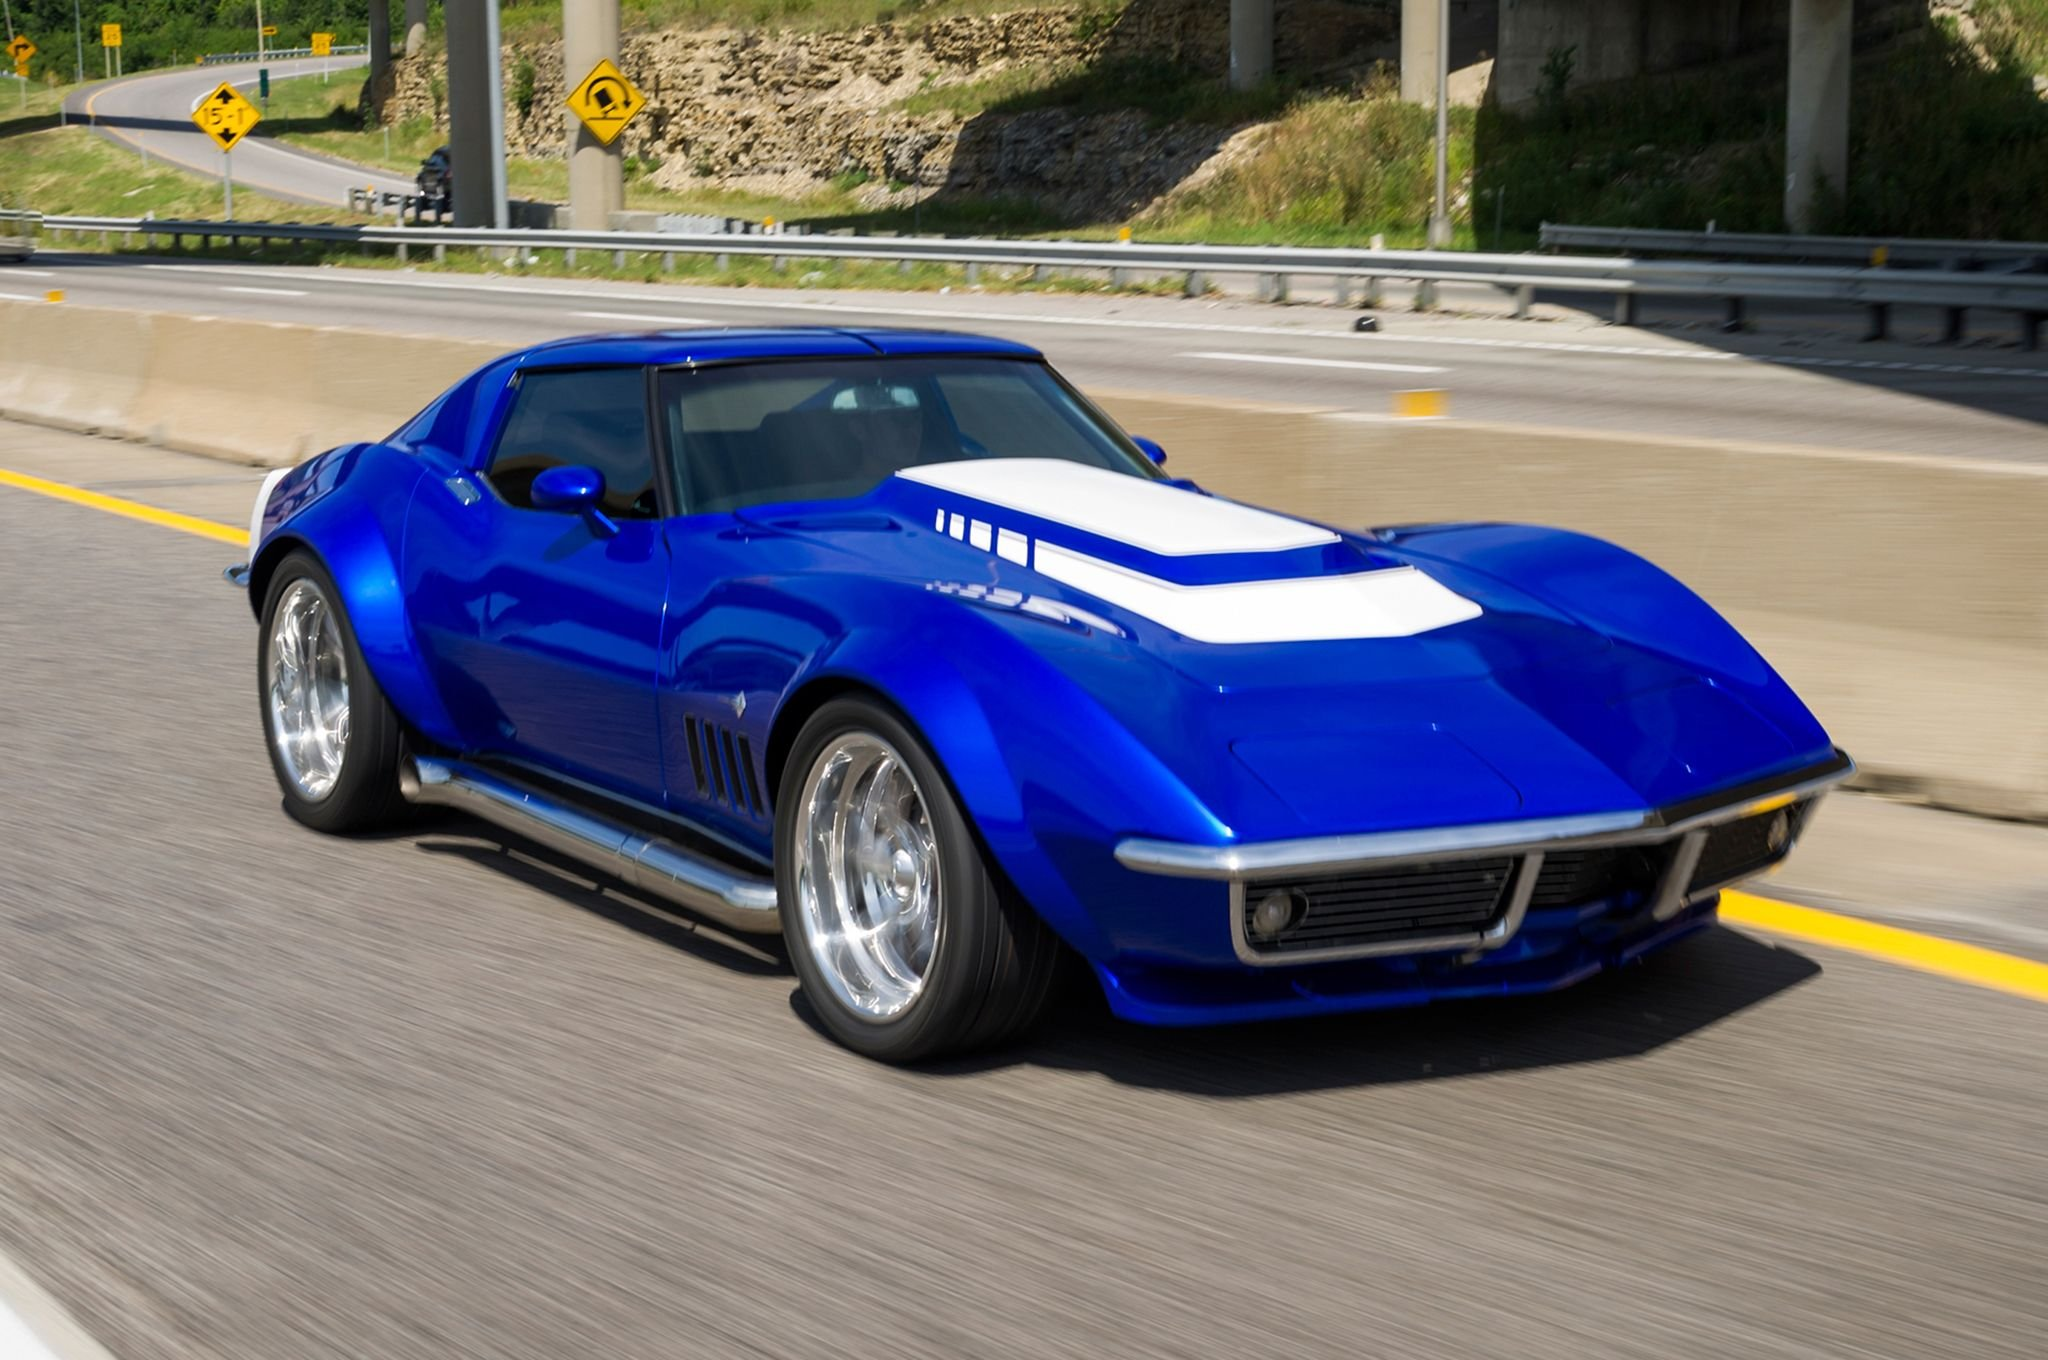 1969 Chevrolet Corvette Stingray Blue C3 Cars Wallpaper